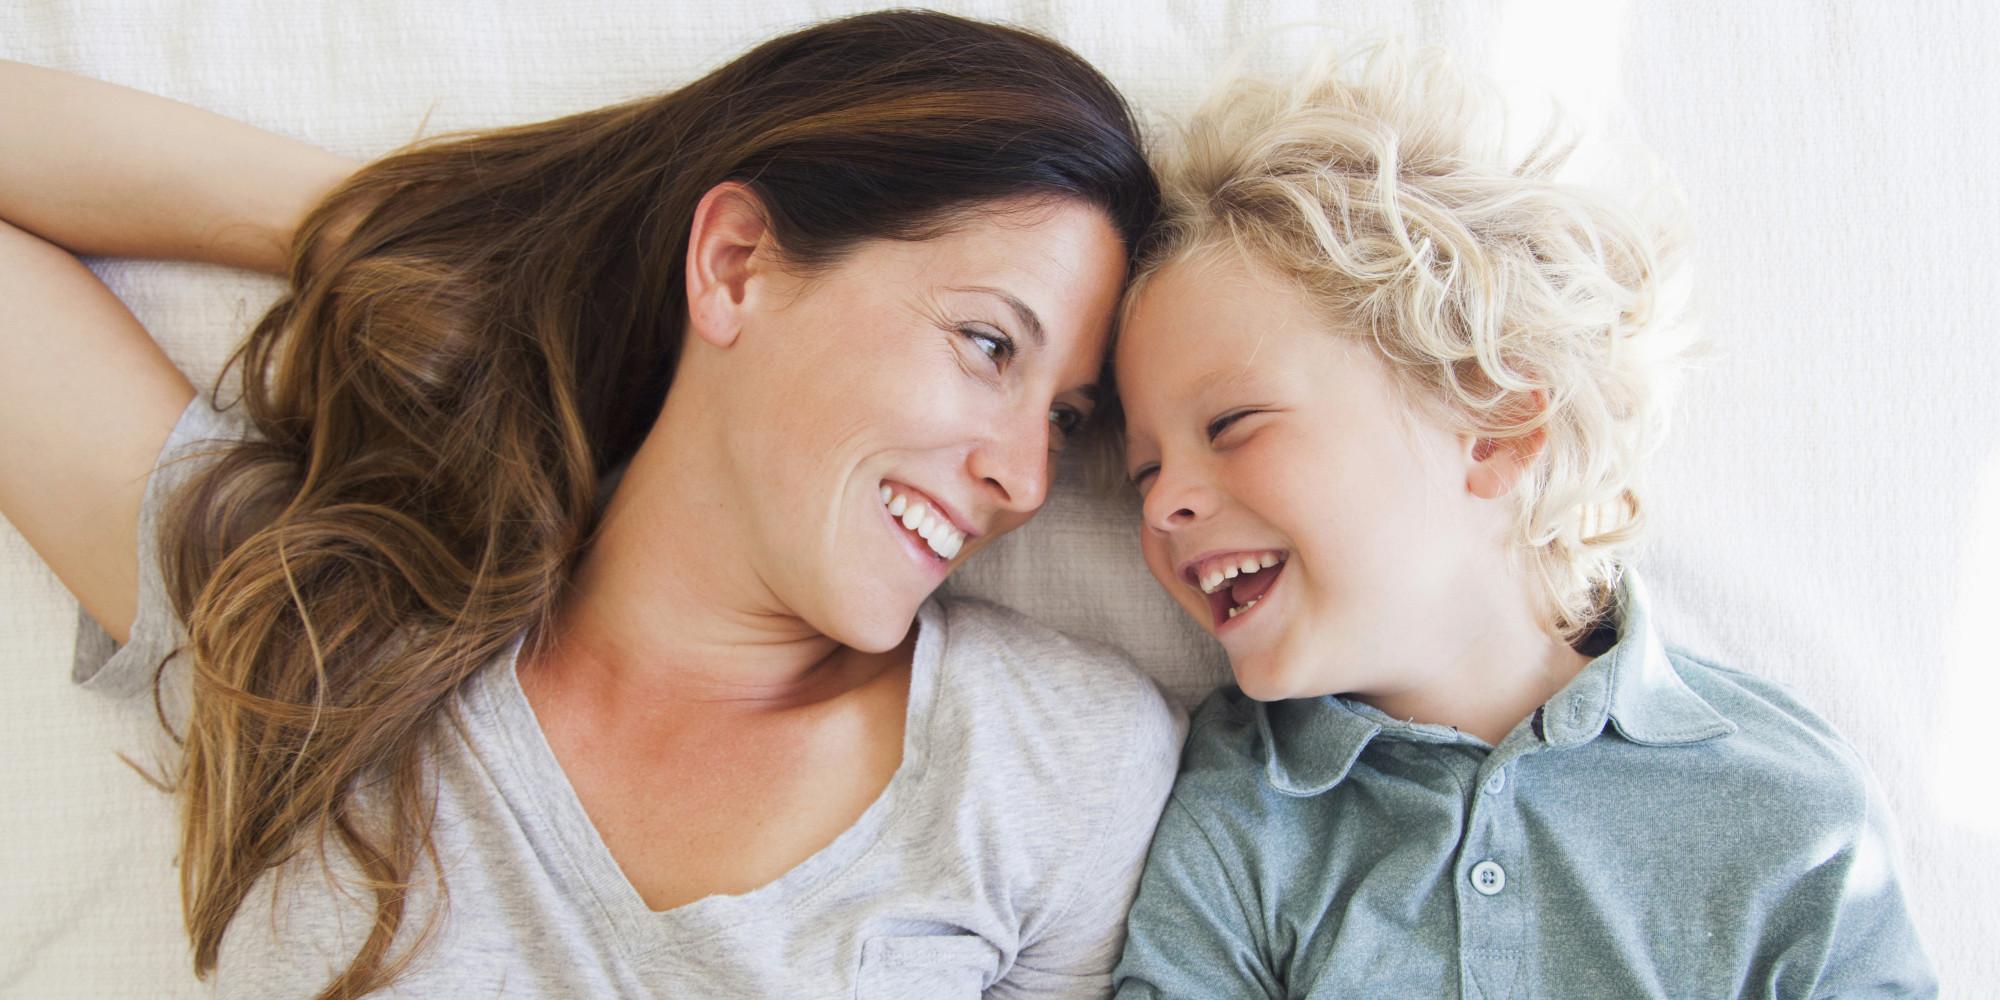 اهمیت دلبستگی مادر و کودک